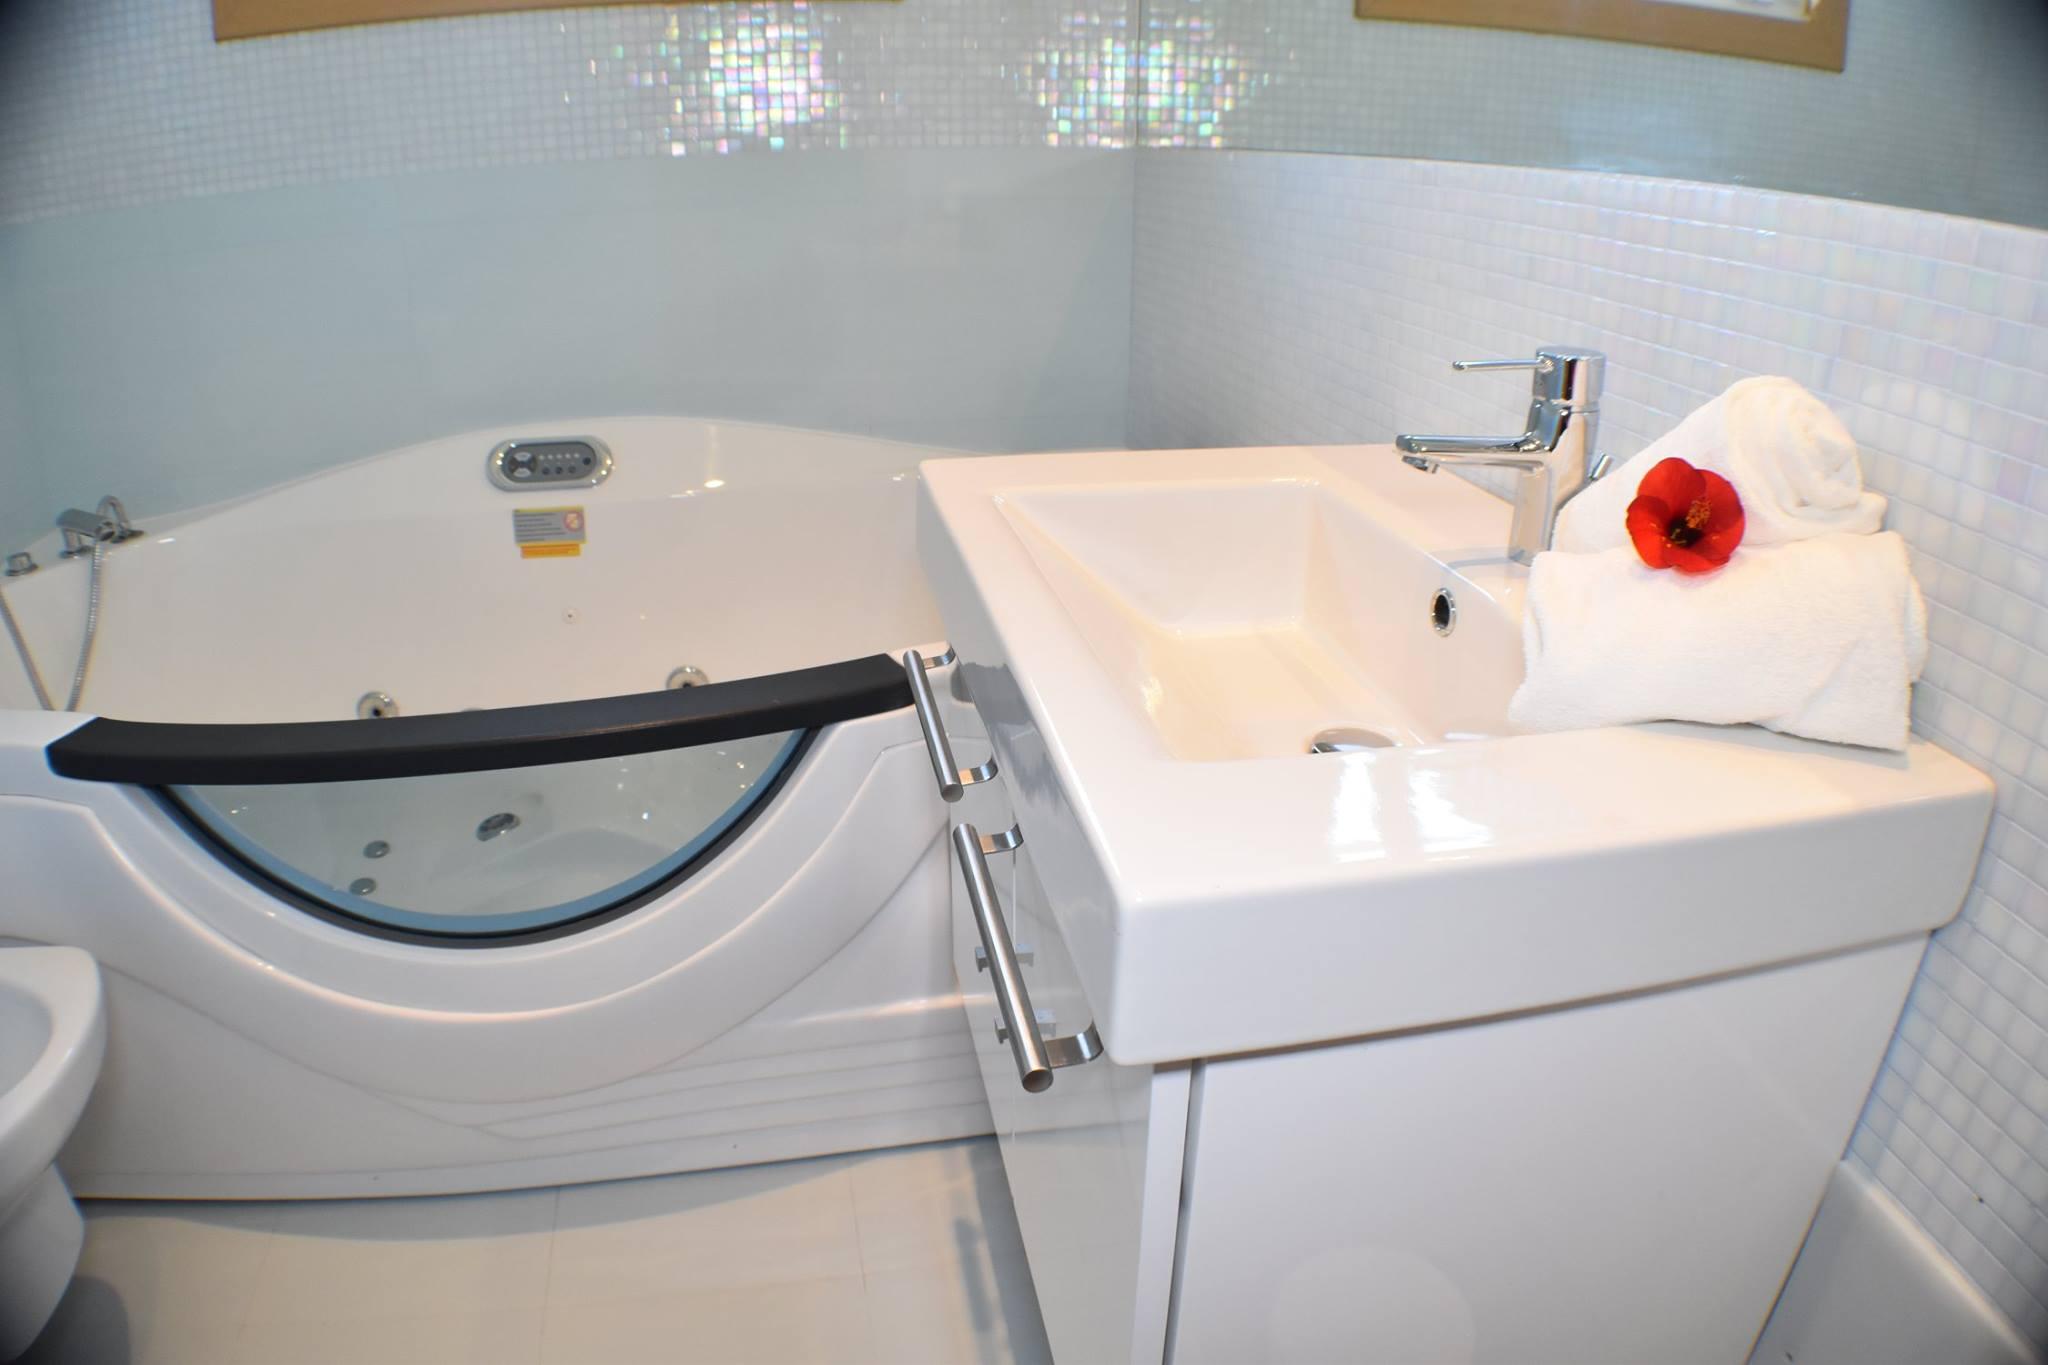 Stylish 2 Bedroom Duplex Apartment in Albufeira  - 2 Bedrooms